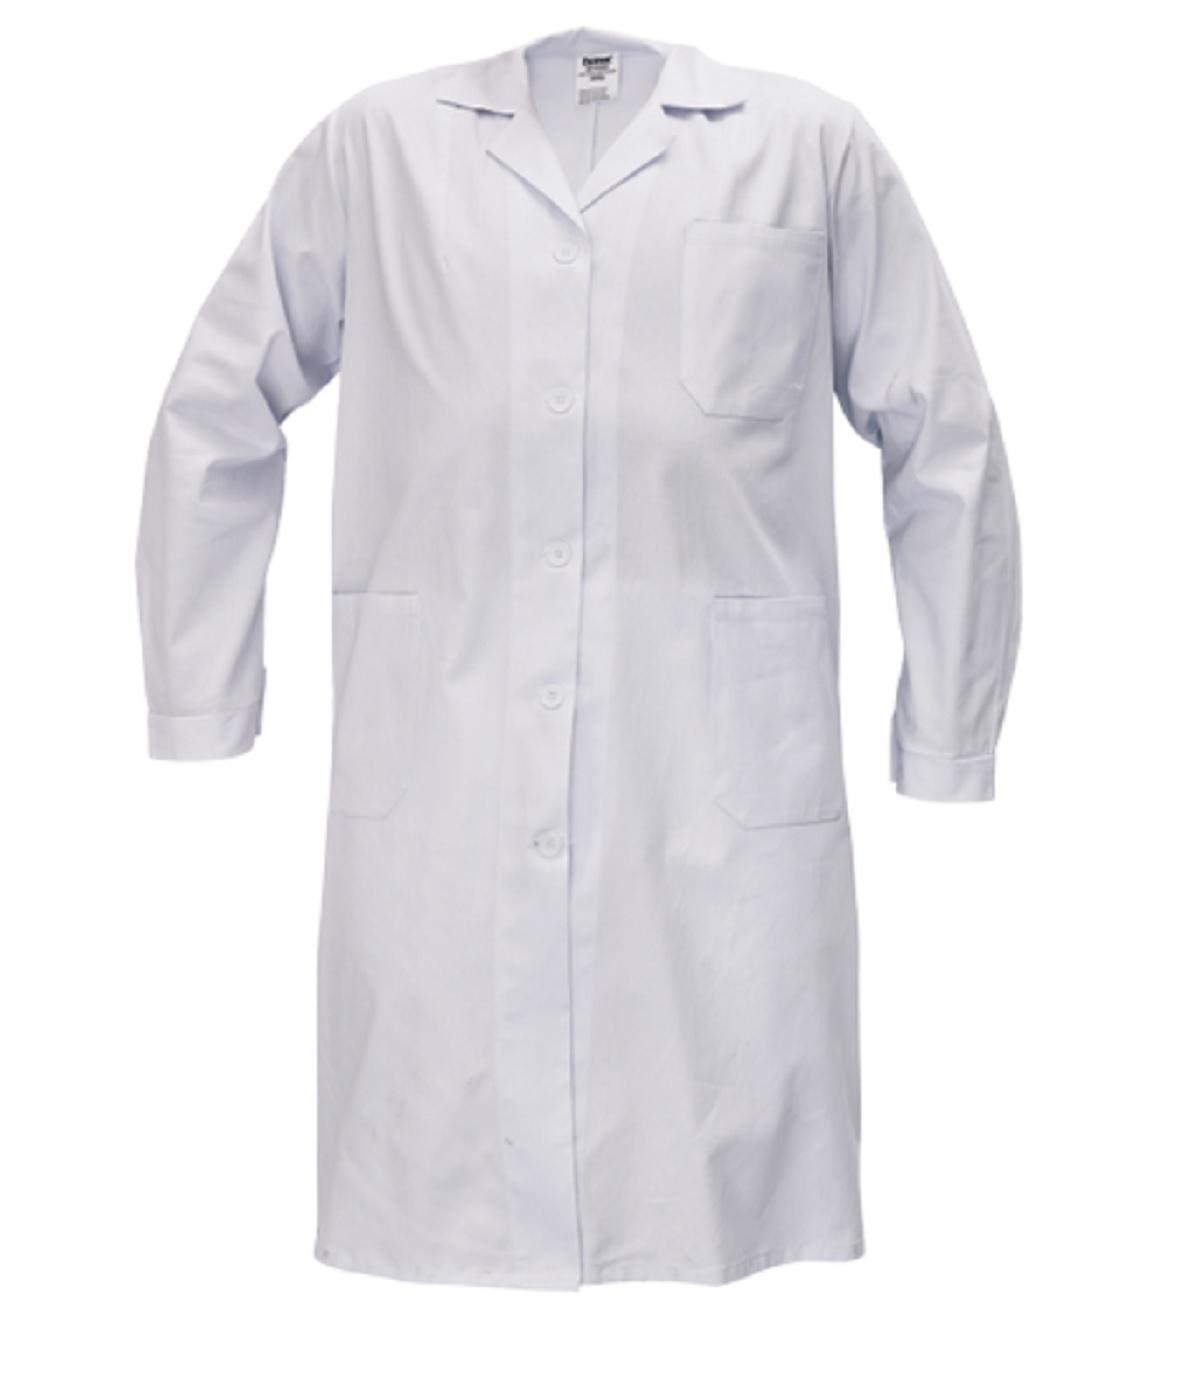 plášť,bílý,veris